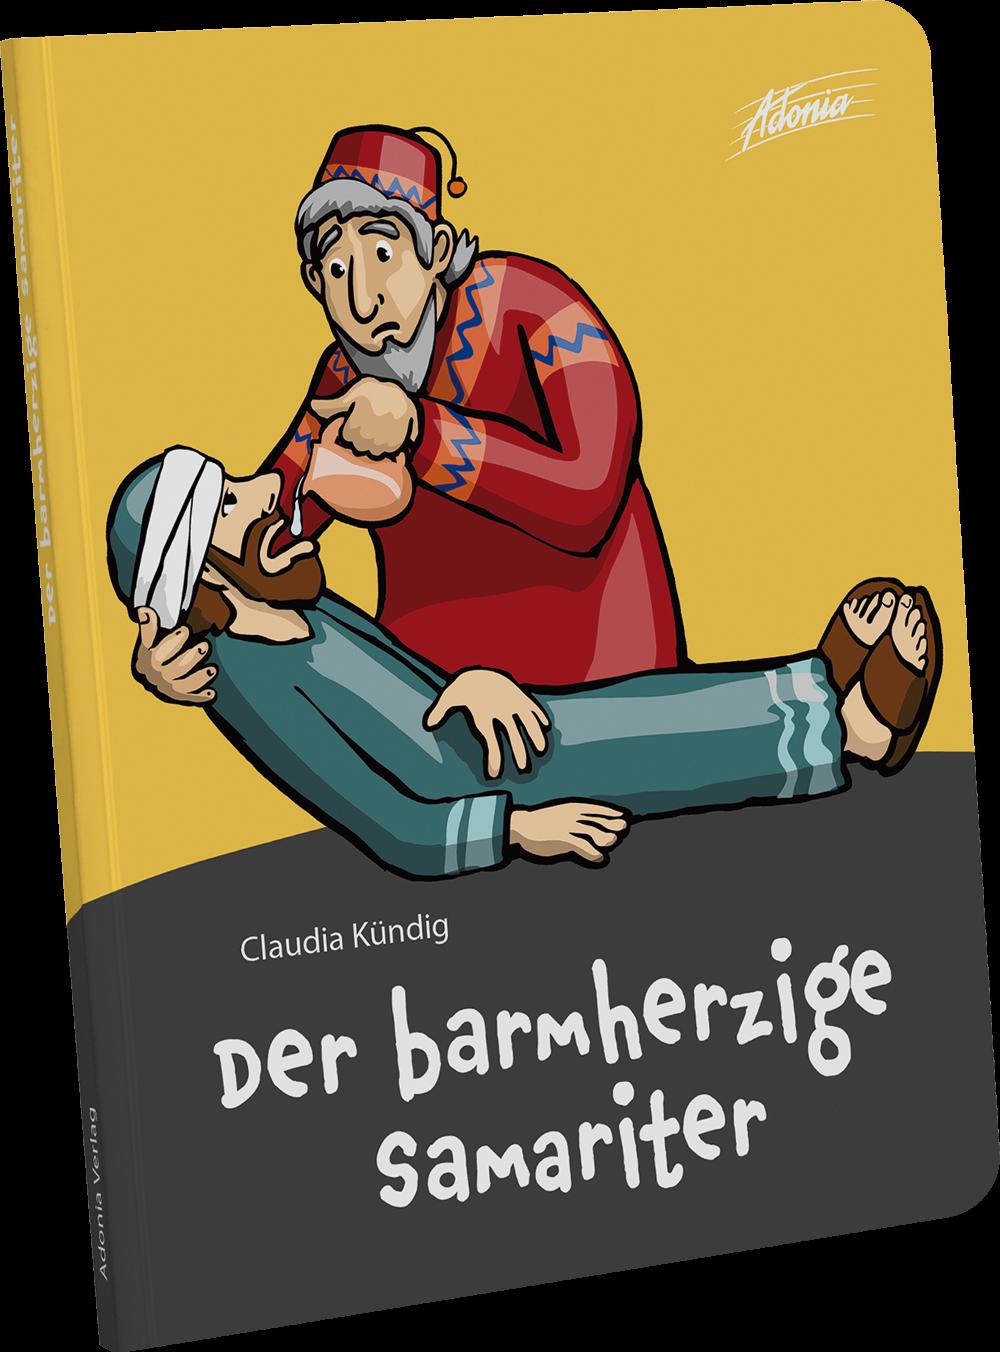 Der barmherzige Samariter - Bilderbuch